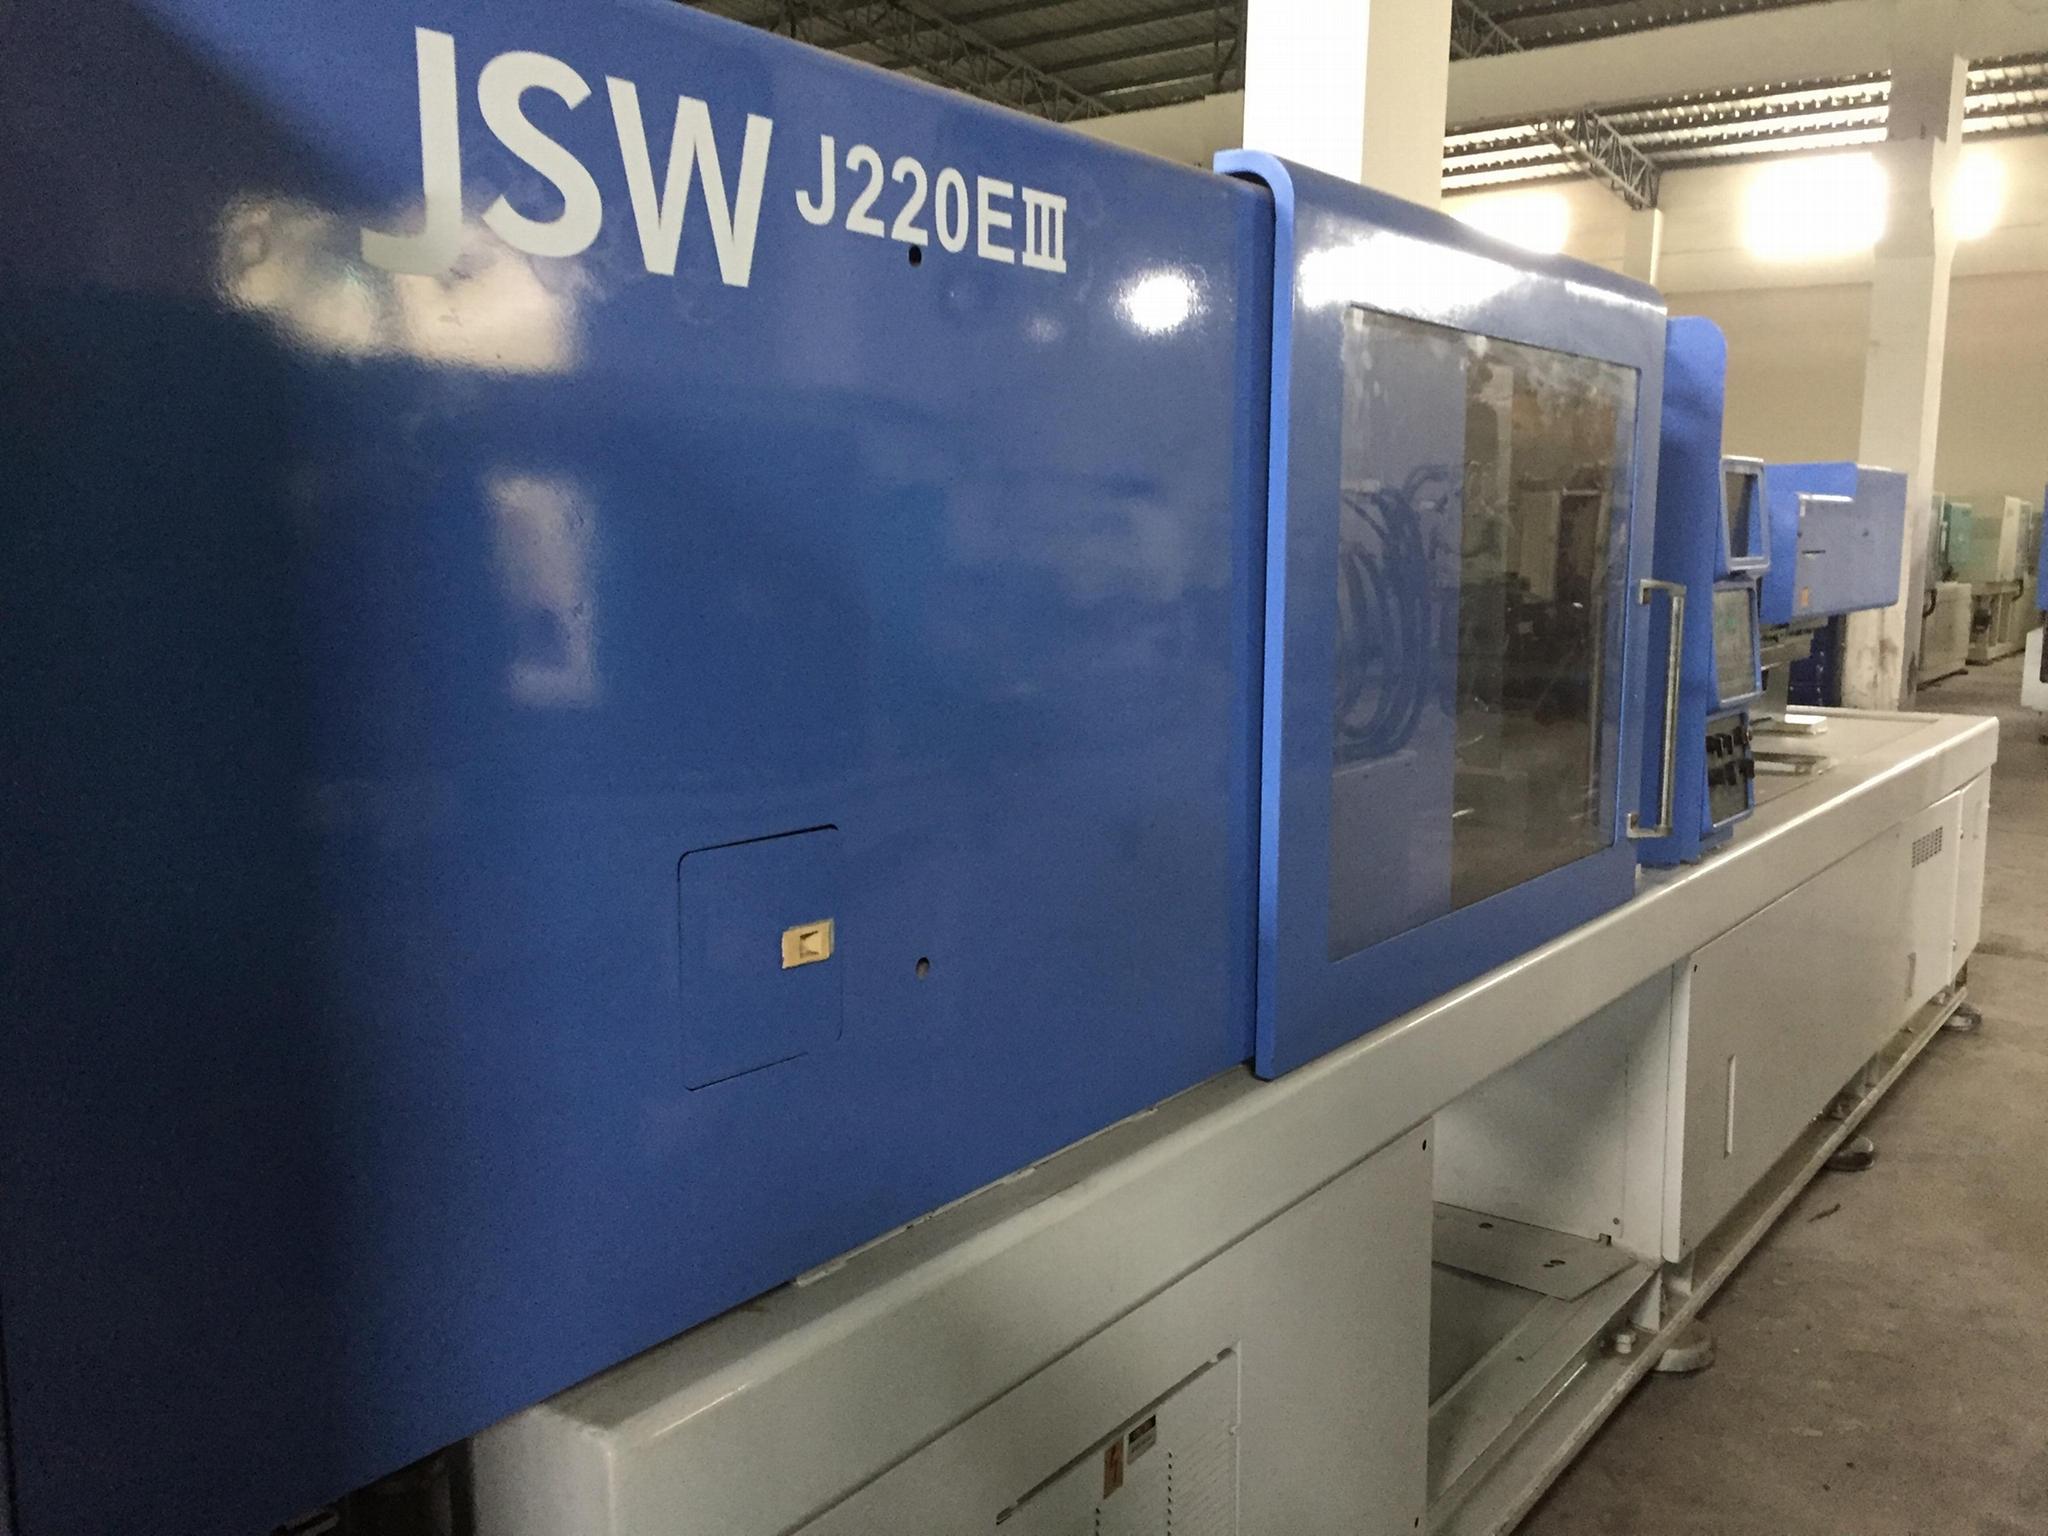 JSWJ220EIII 日钢二手注塑机